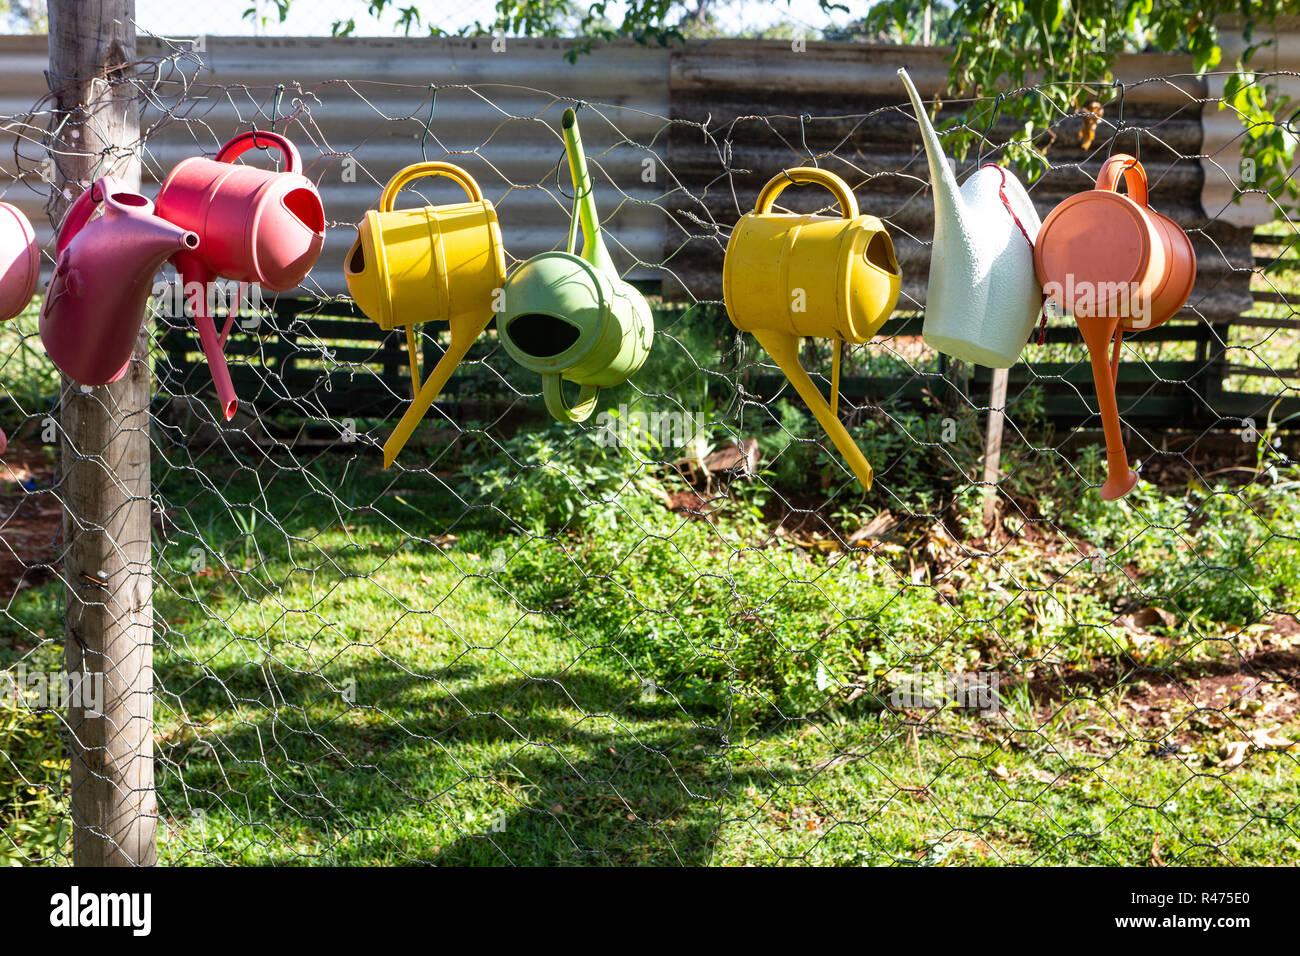 Bunte Giesskannen Am Zaun Im Garten An Einem Sonnigen Tag Stockfoto